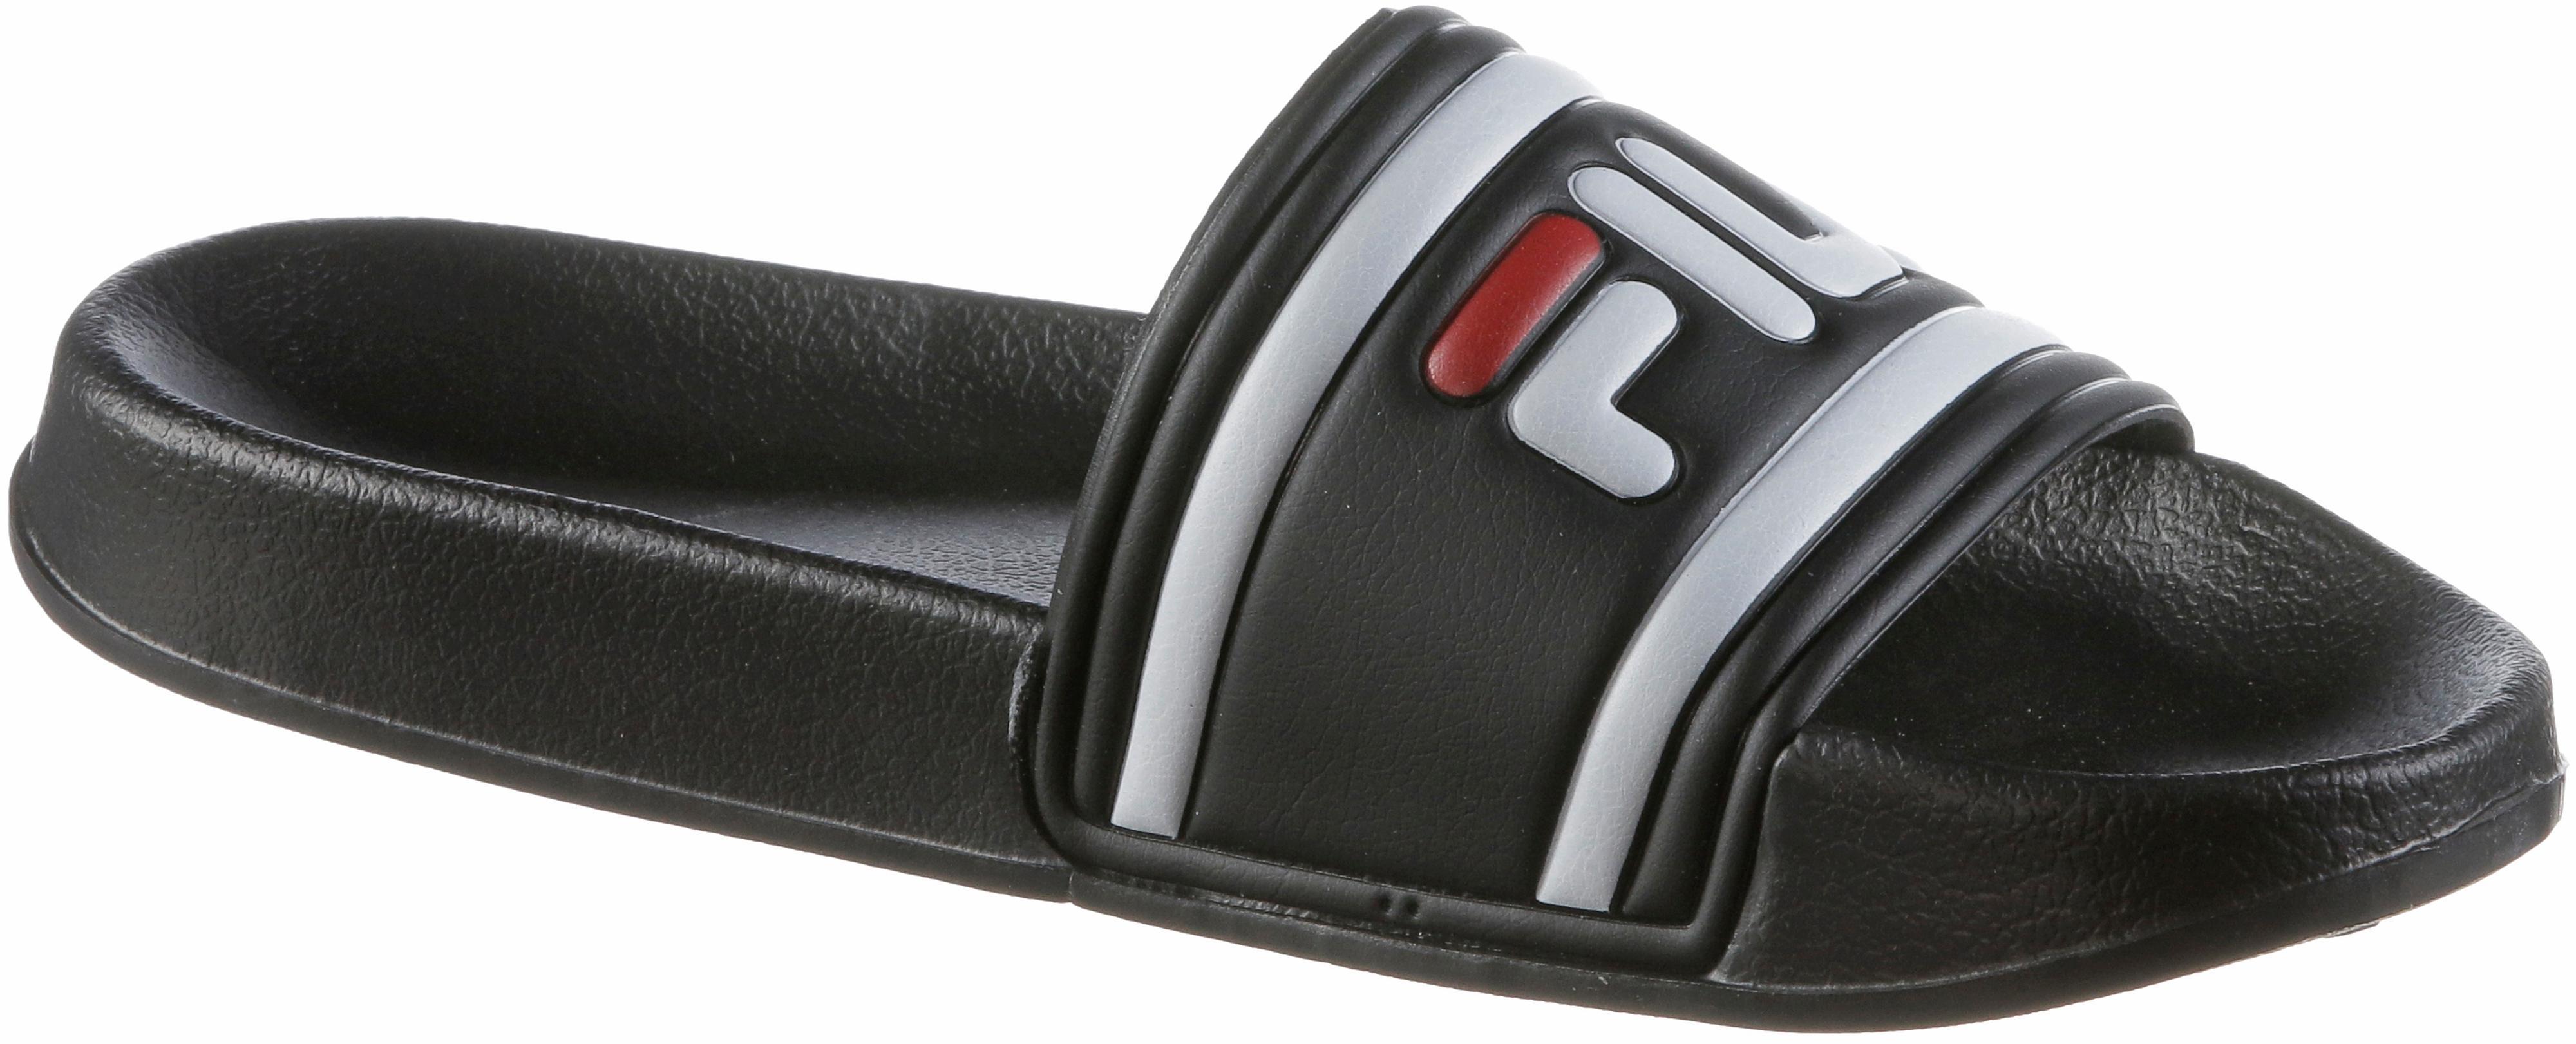 FILA Slides MORRO BAY Badelatschen Damen Damen Damen navy im Online Shop von SportScheck kaufen Gute Qualität beliebte Schuhe 7bd9ff